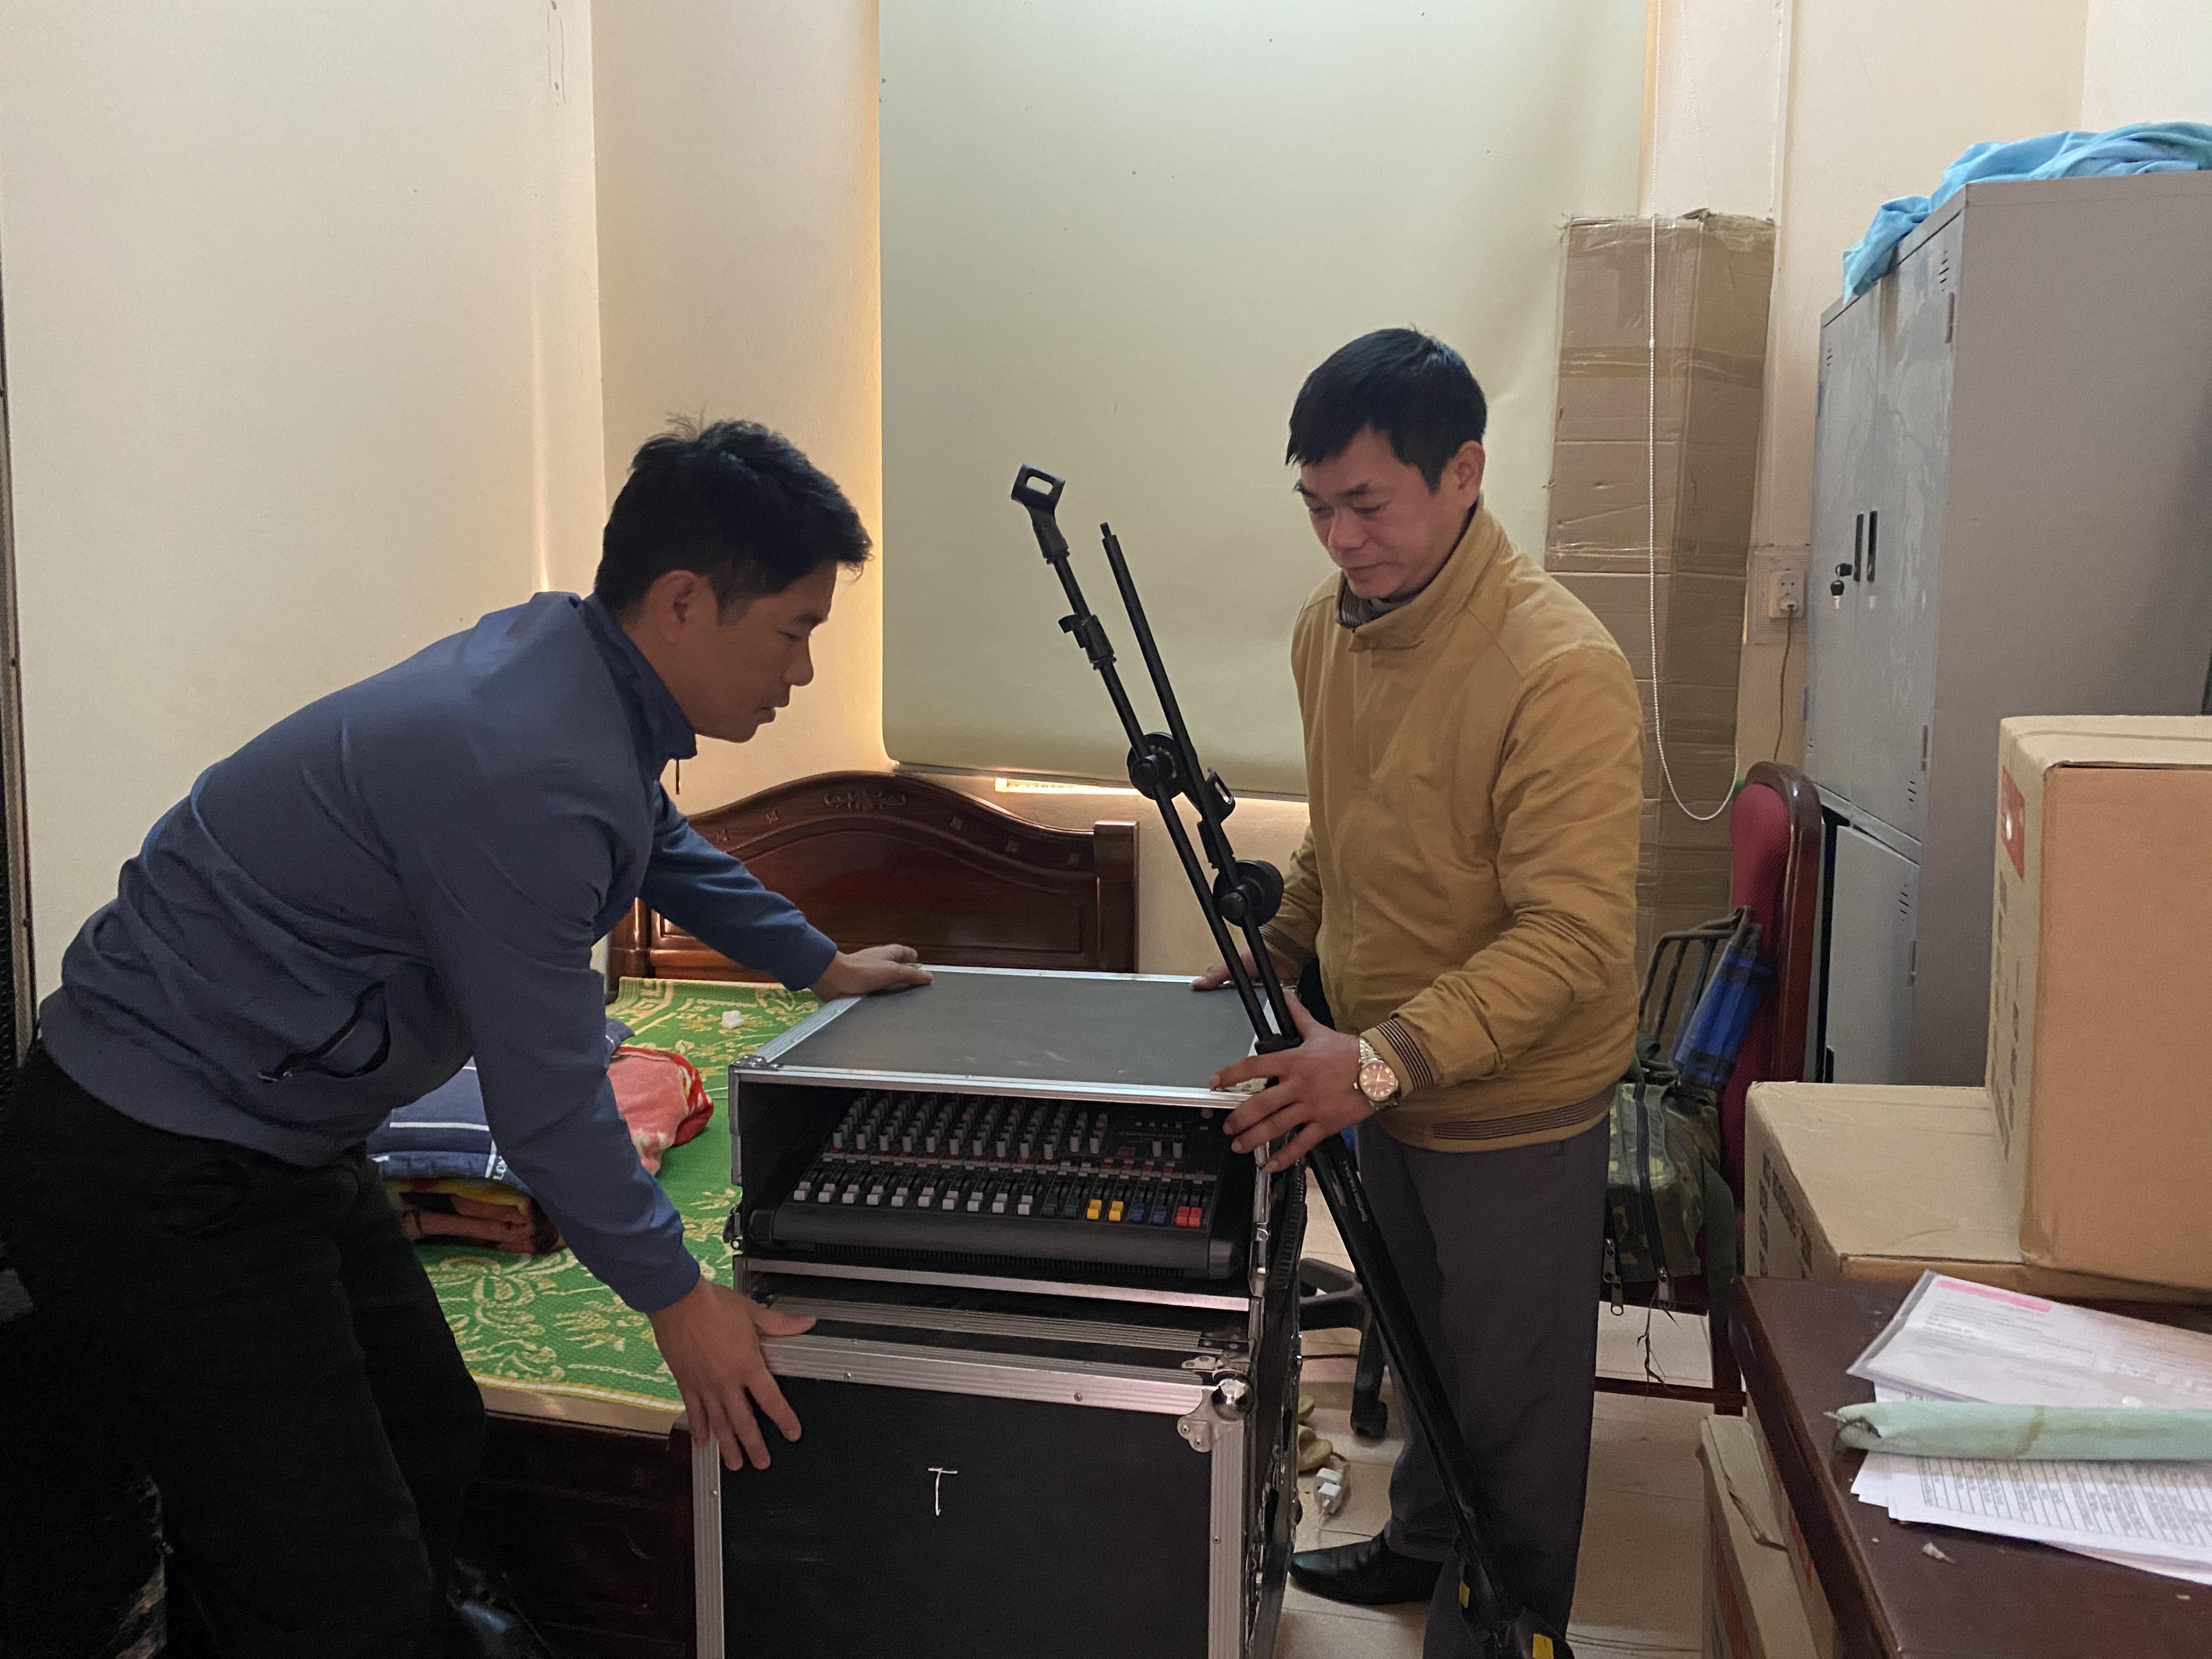 Thành viên Đội chiếu phim lưu động huyện Hà Quảng chuẩn bị vật tư, trang thiết bị cho buổi chiếu phim